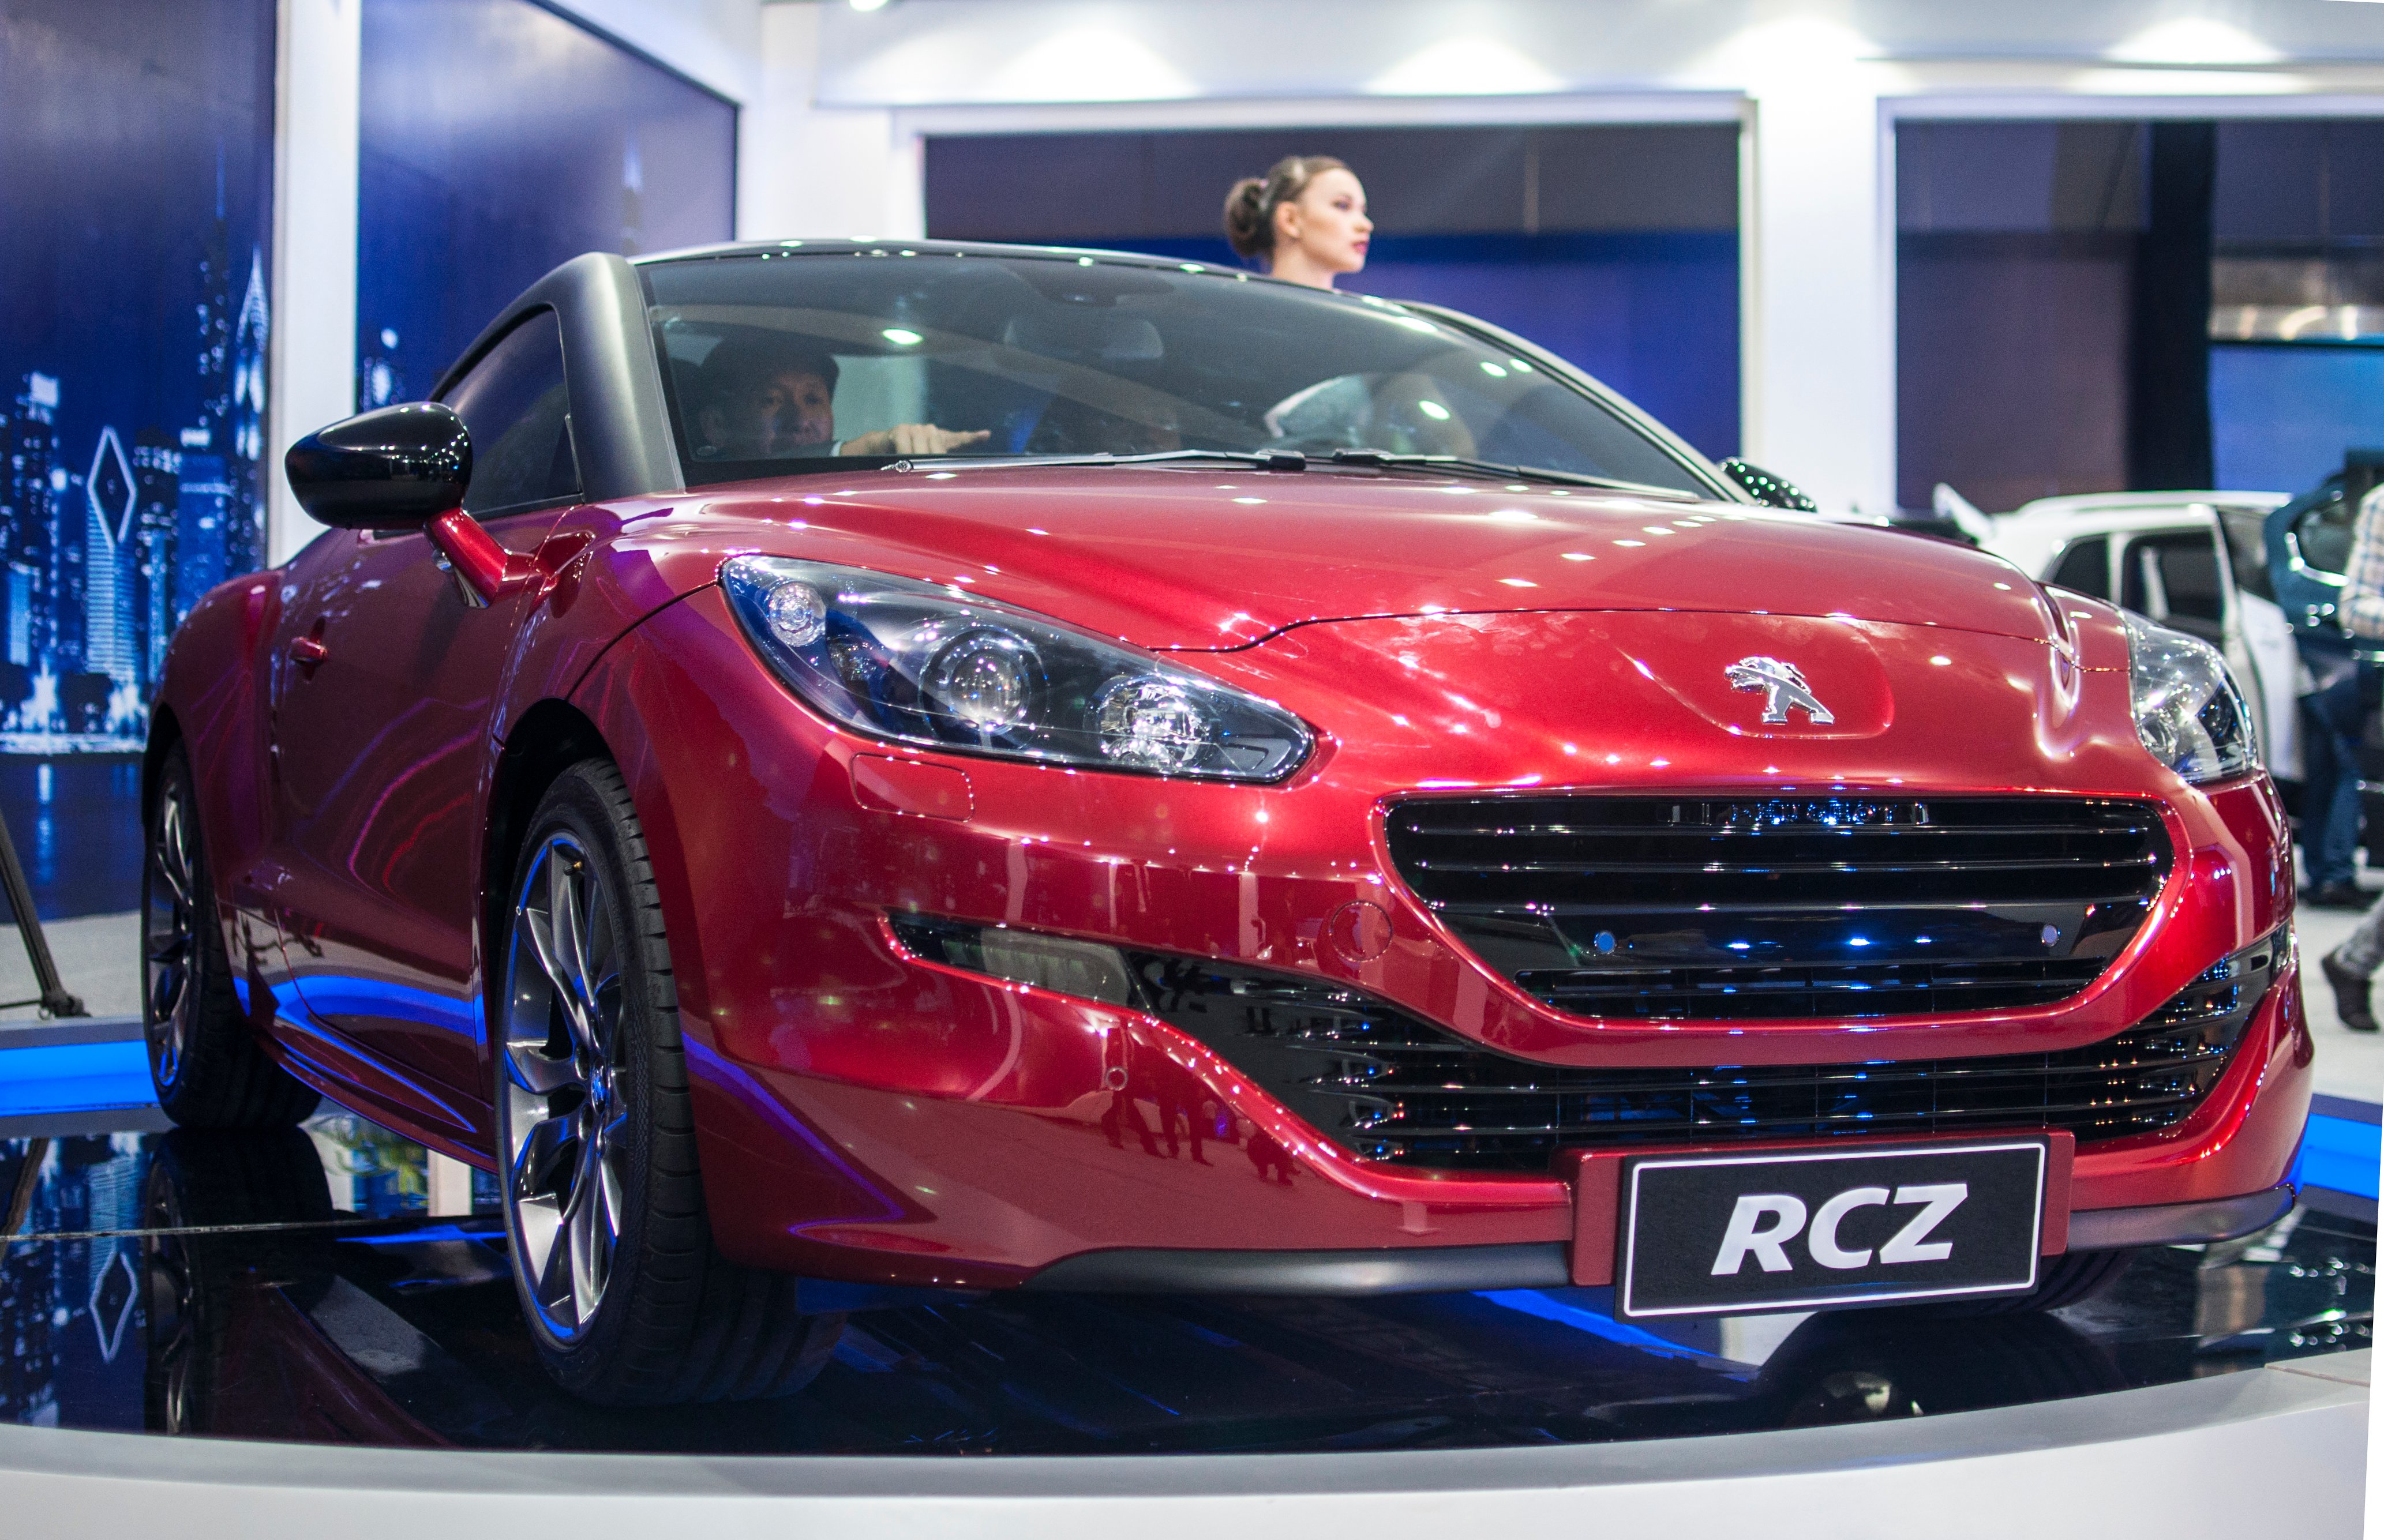 Peugeot RCZ : Cơn gió lạ đến từ nước Pháp 7